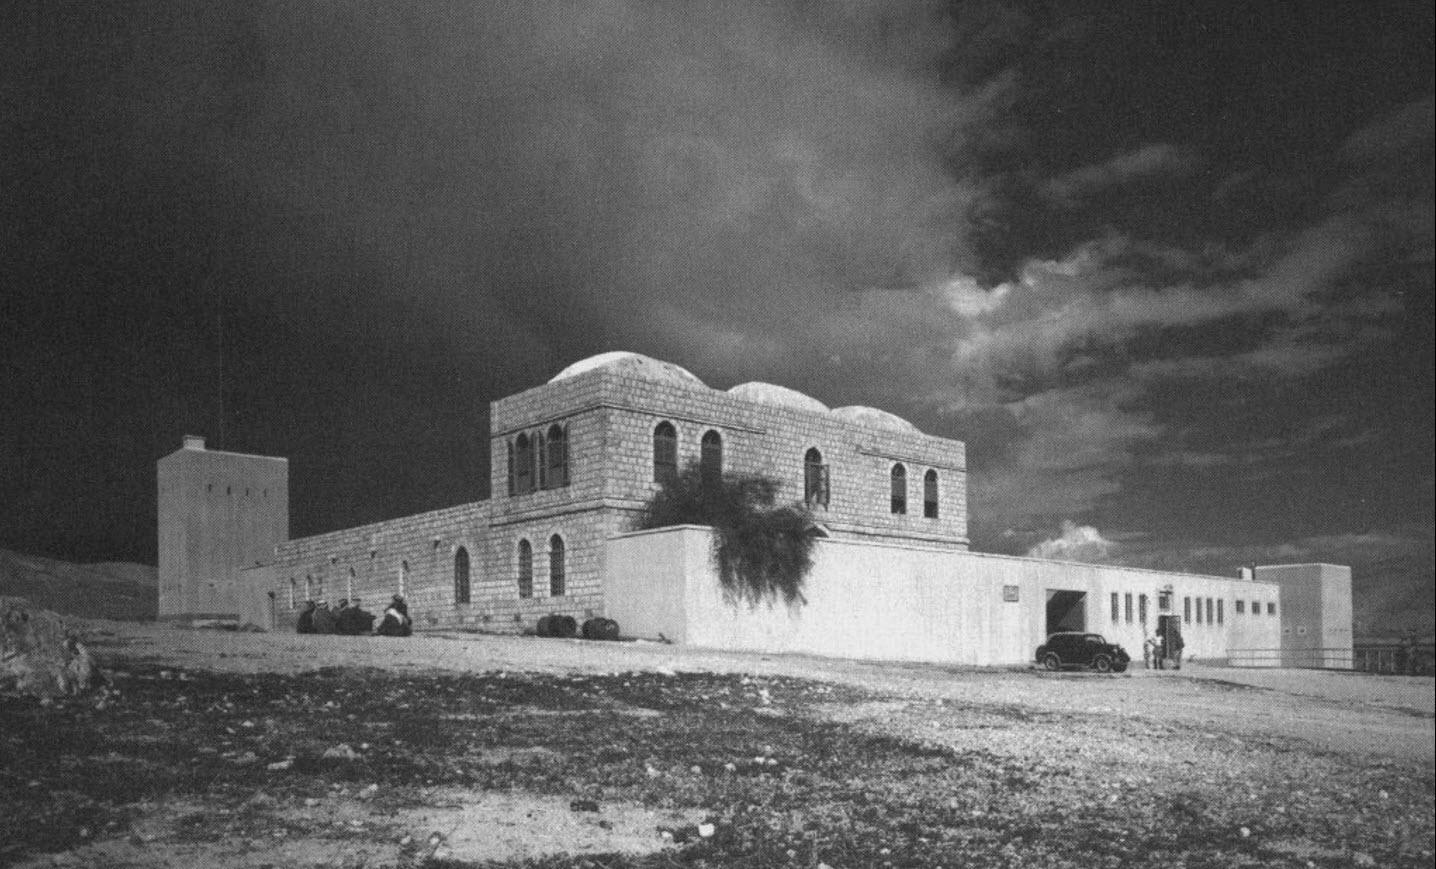 משטרת הג'יפתליק - צילום שמואל יוסף שוויג 1940-1941